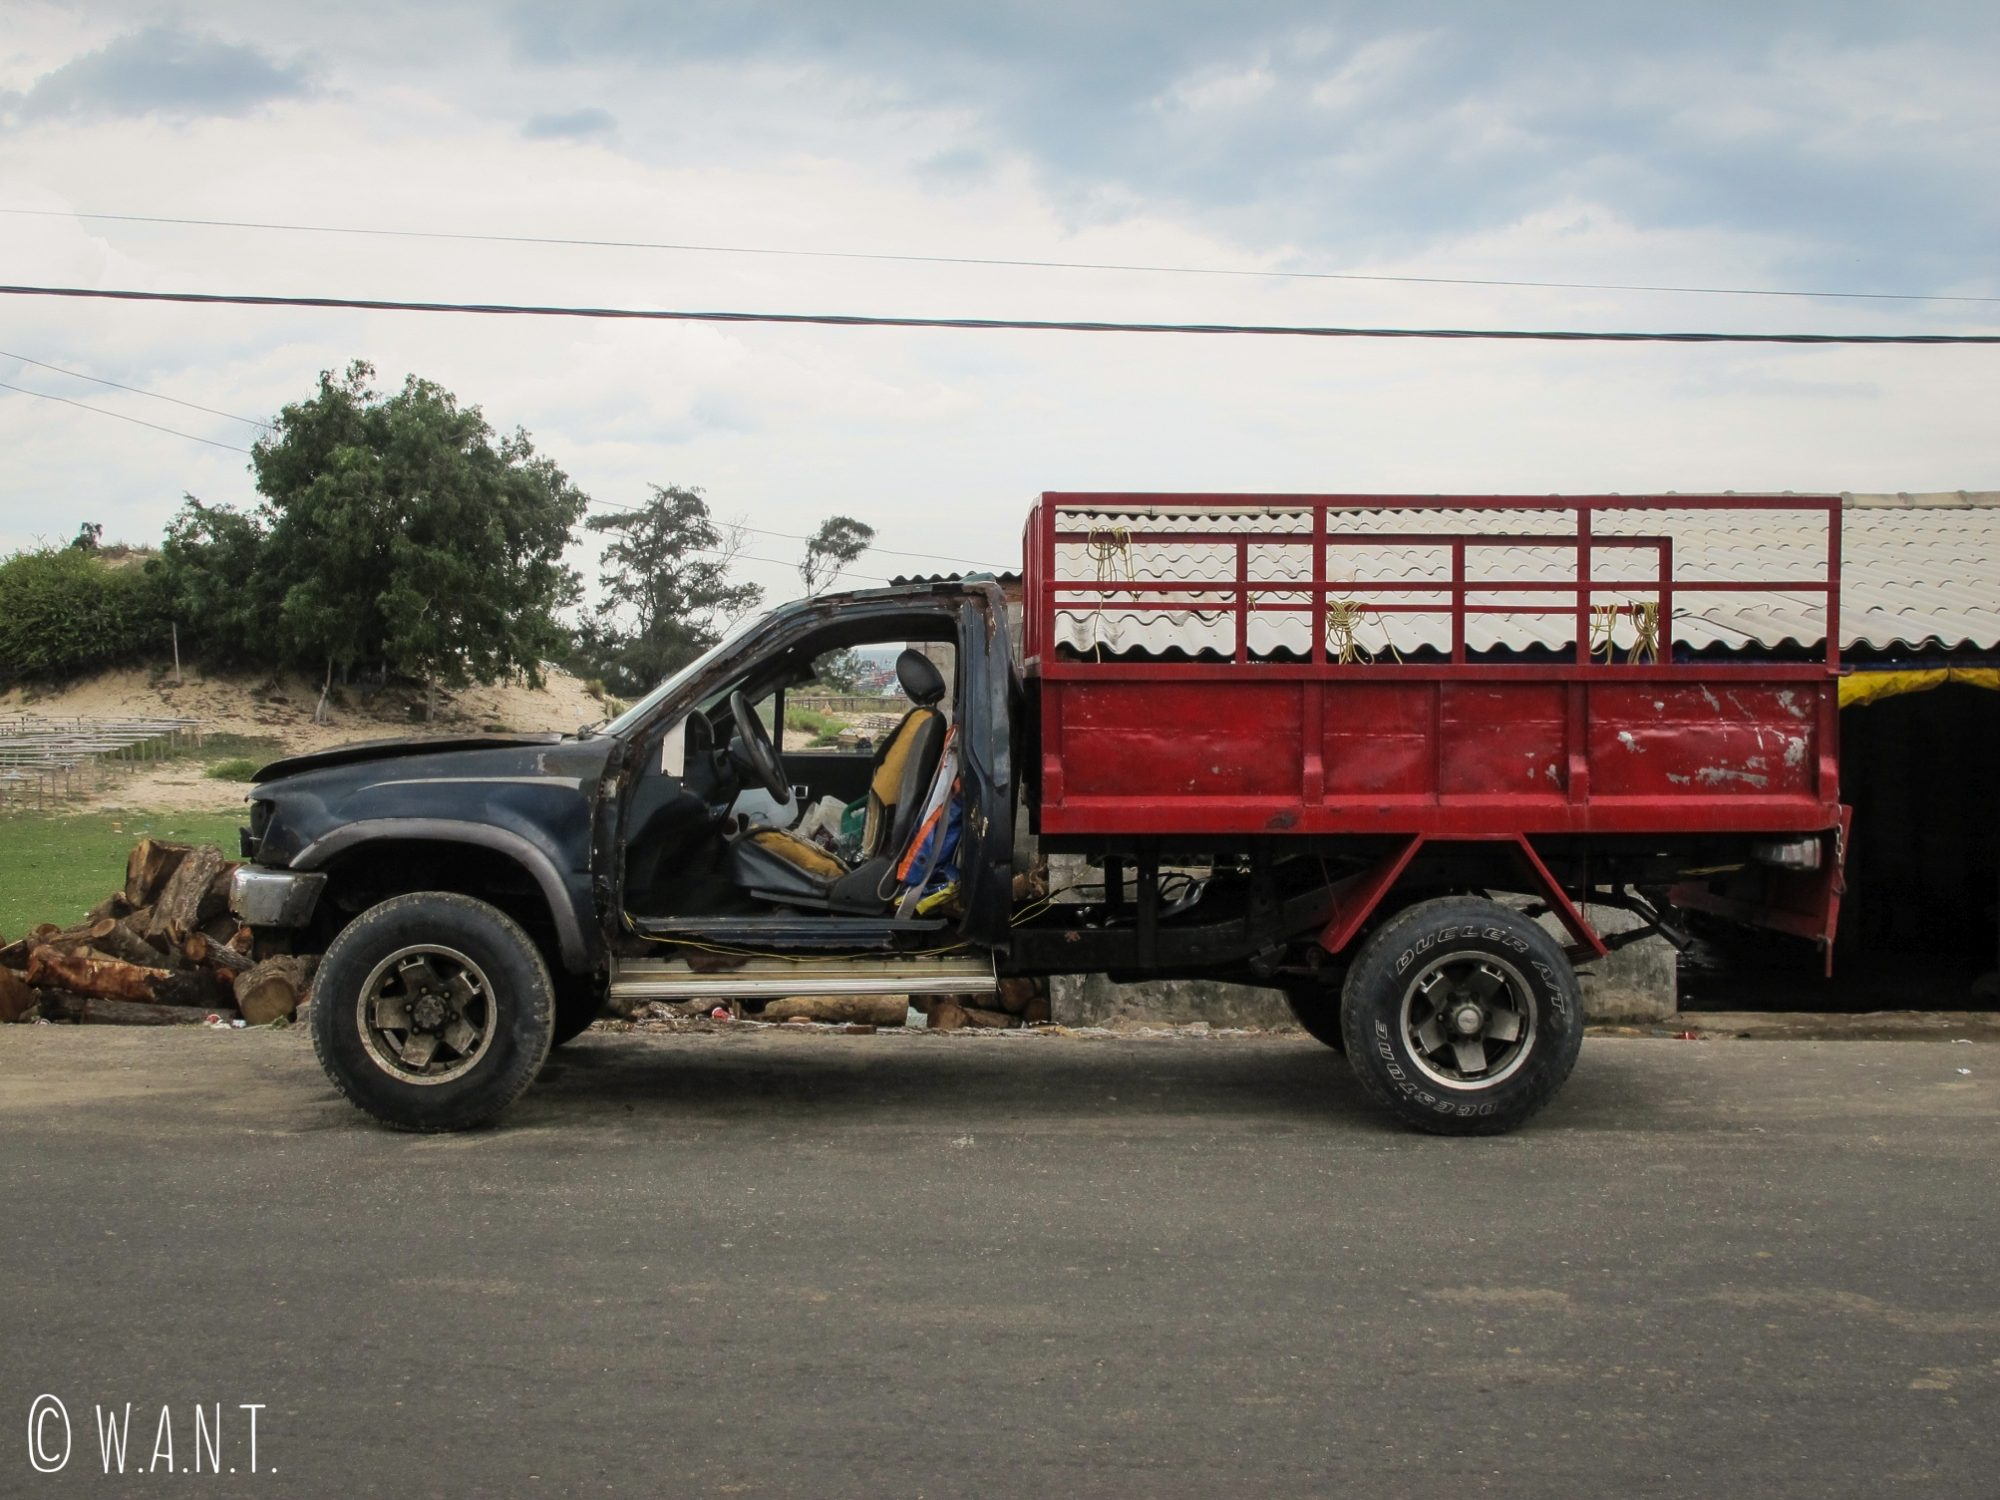 La portière est en option sur ce véhicule croisé dans les rues de Mui Ne